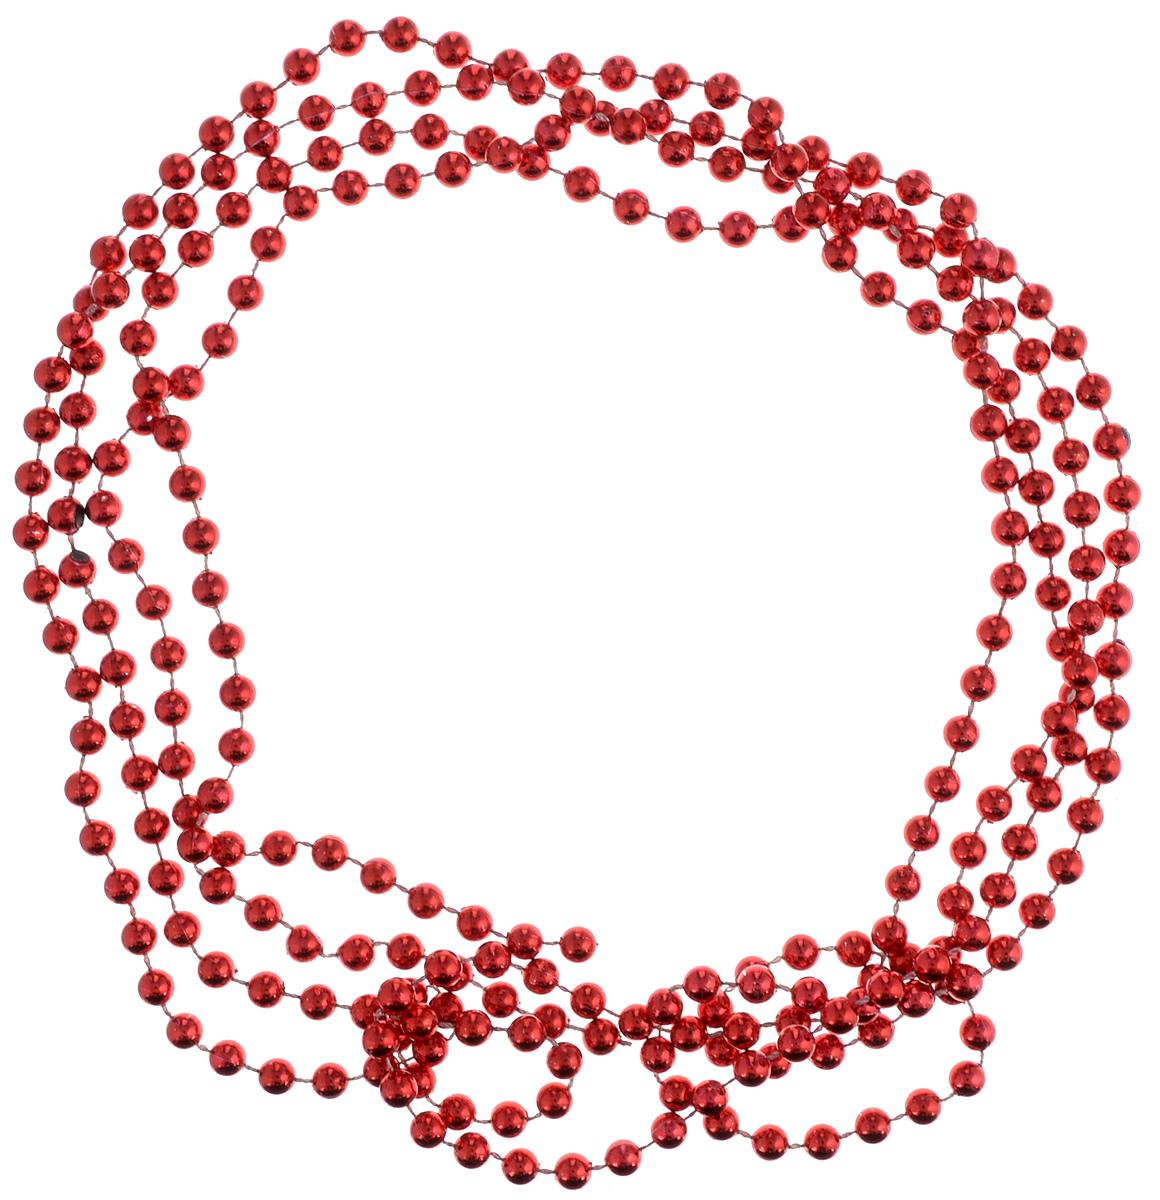 Украшение новогоднее B&H Бусы, цвет: красный, 2,5 мBH1048Новогоднее украшение B&H Бусы, изготовленное из высококачественного пластика, прекрасно подойдет для декора дома или новогодней ели. Такие бусы создадут сказочную атмосферу и подарят ощущение праздника.Декоративные бусы - старинное елочное украшение. Придайте необыкновенную торжественность и яркость елке или создайте новогоднюю композицию в вашем интерьере.